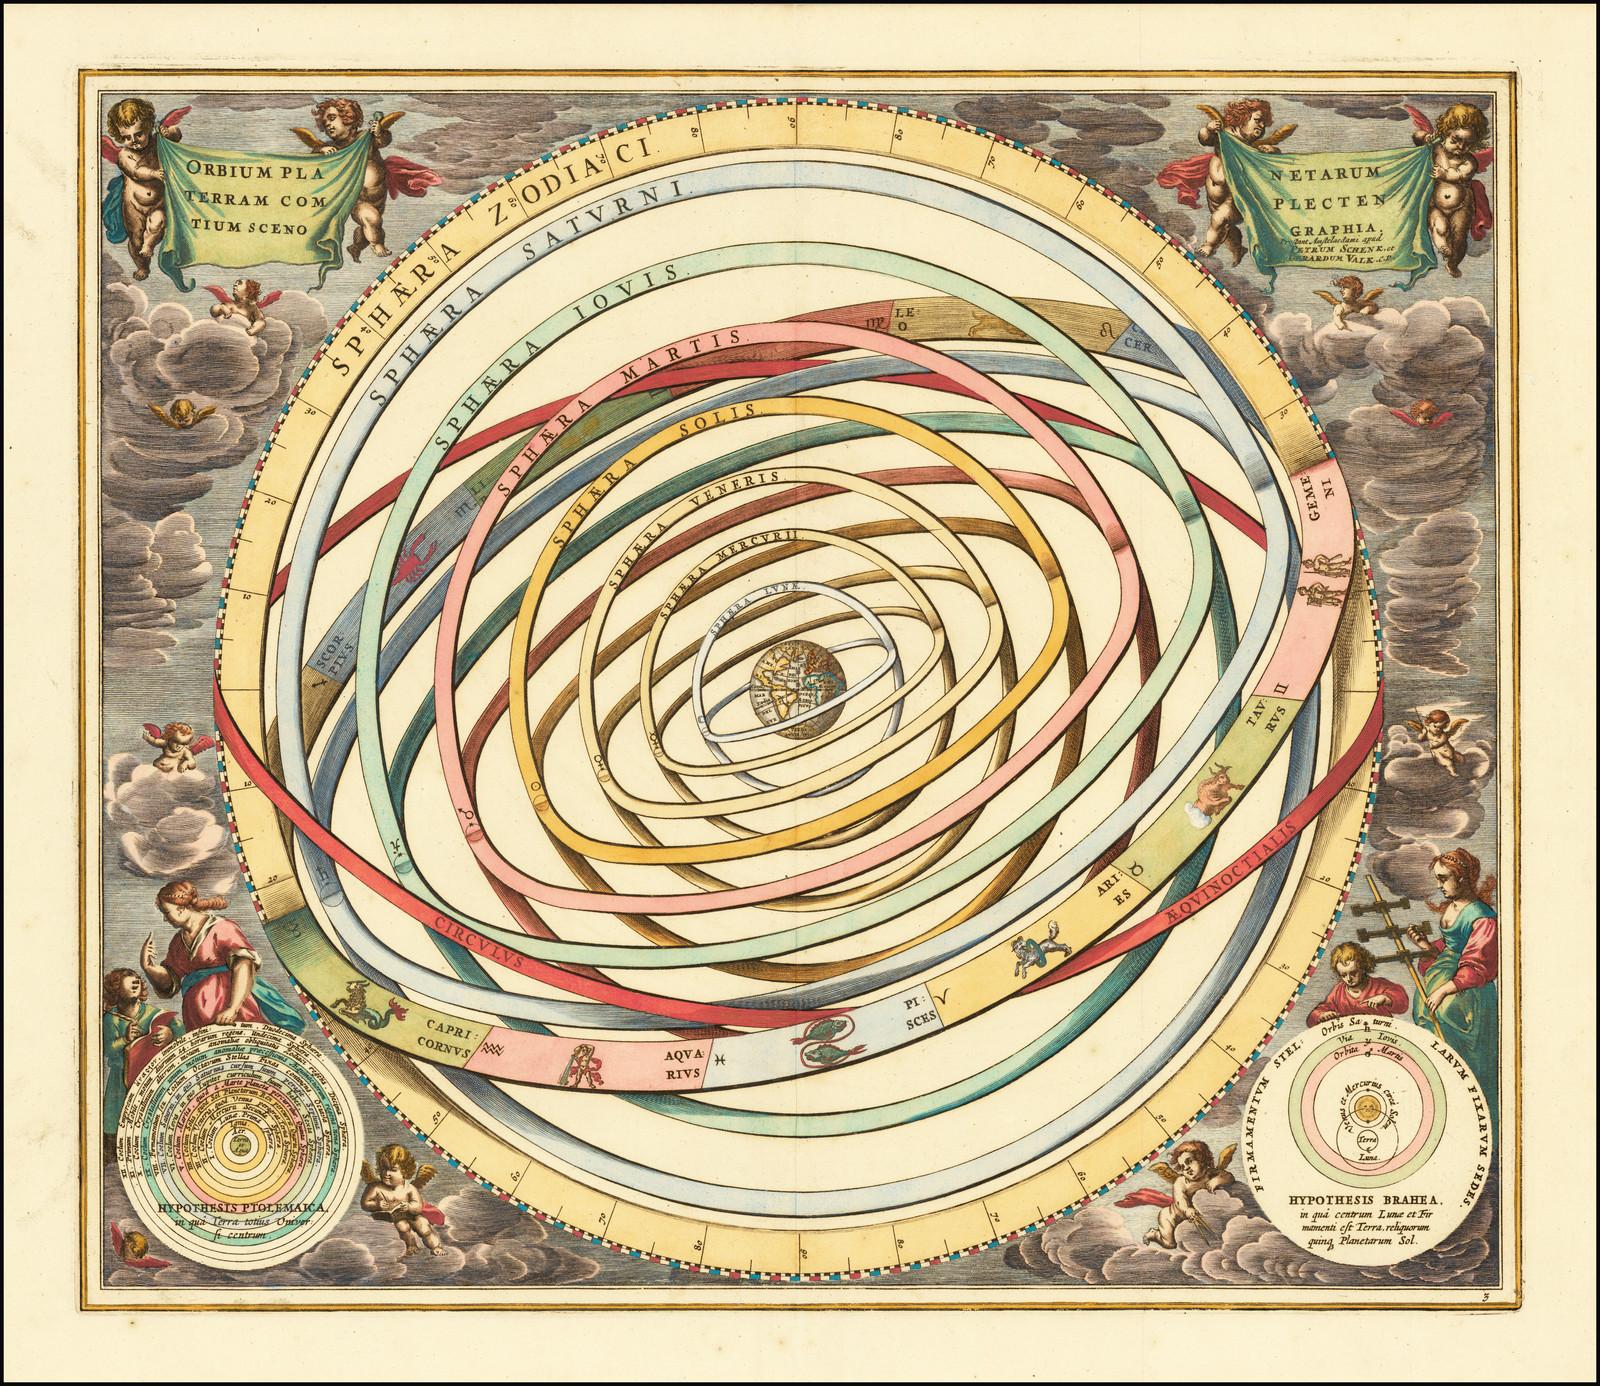 Orbium Planetarum Terram Complectentium Scenographia Barry Lawrence Ruderman Antique Maps Inc